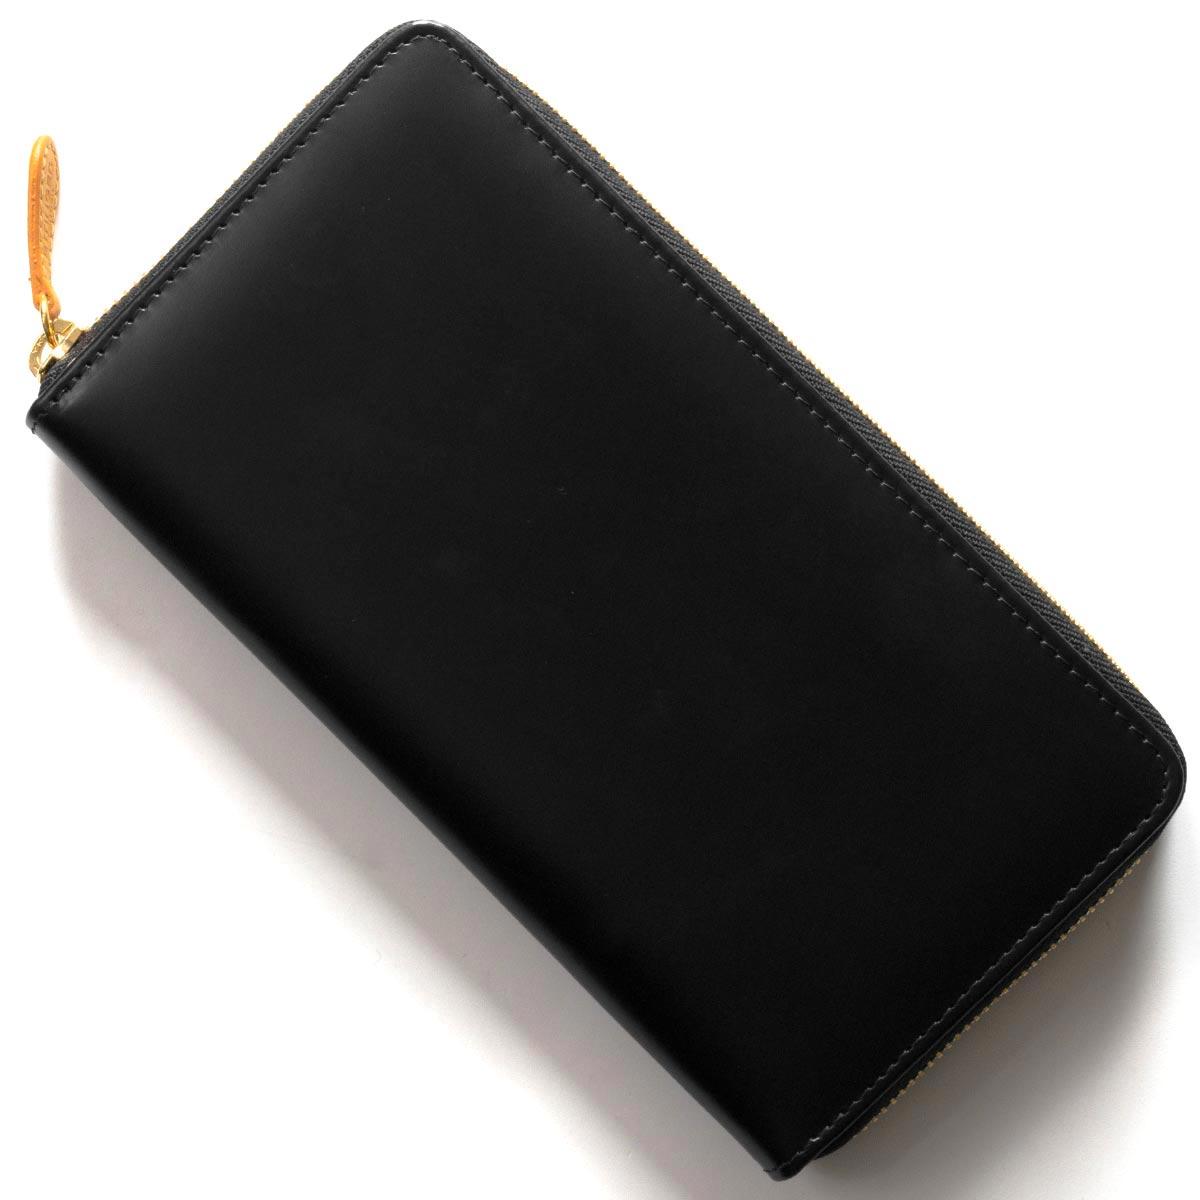 エッティンガー 長財布 財布 メンズ ブライドル ブラック&パネルハイドイエロー 2051EJR BH BLACK ETTINGER